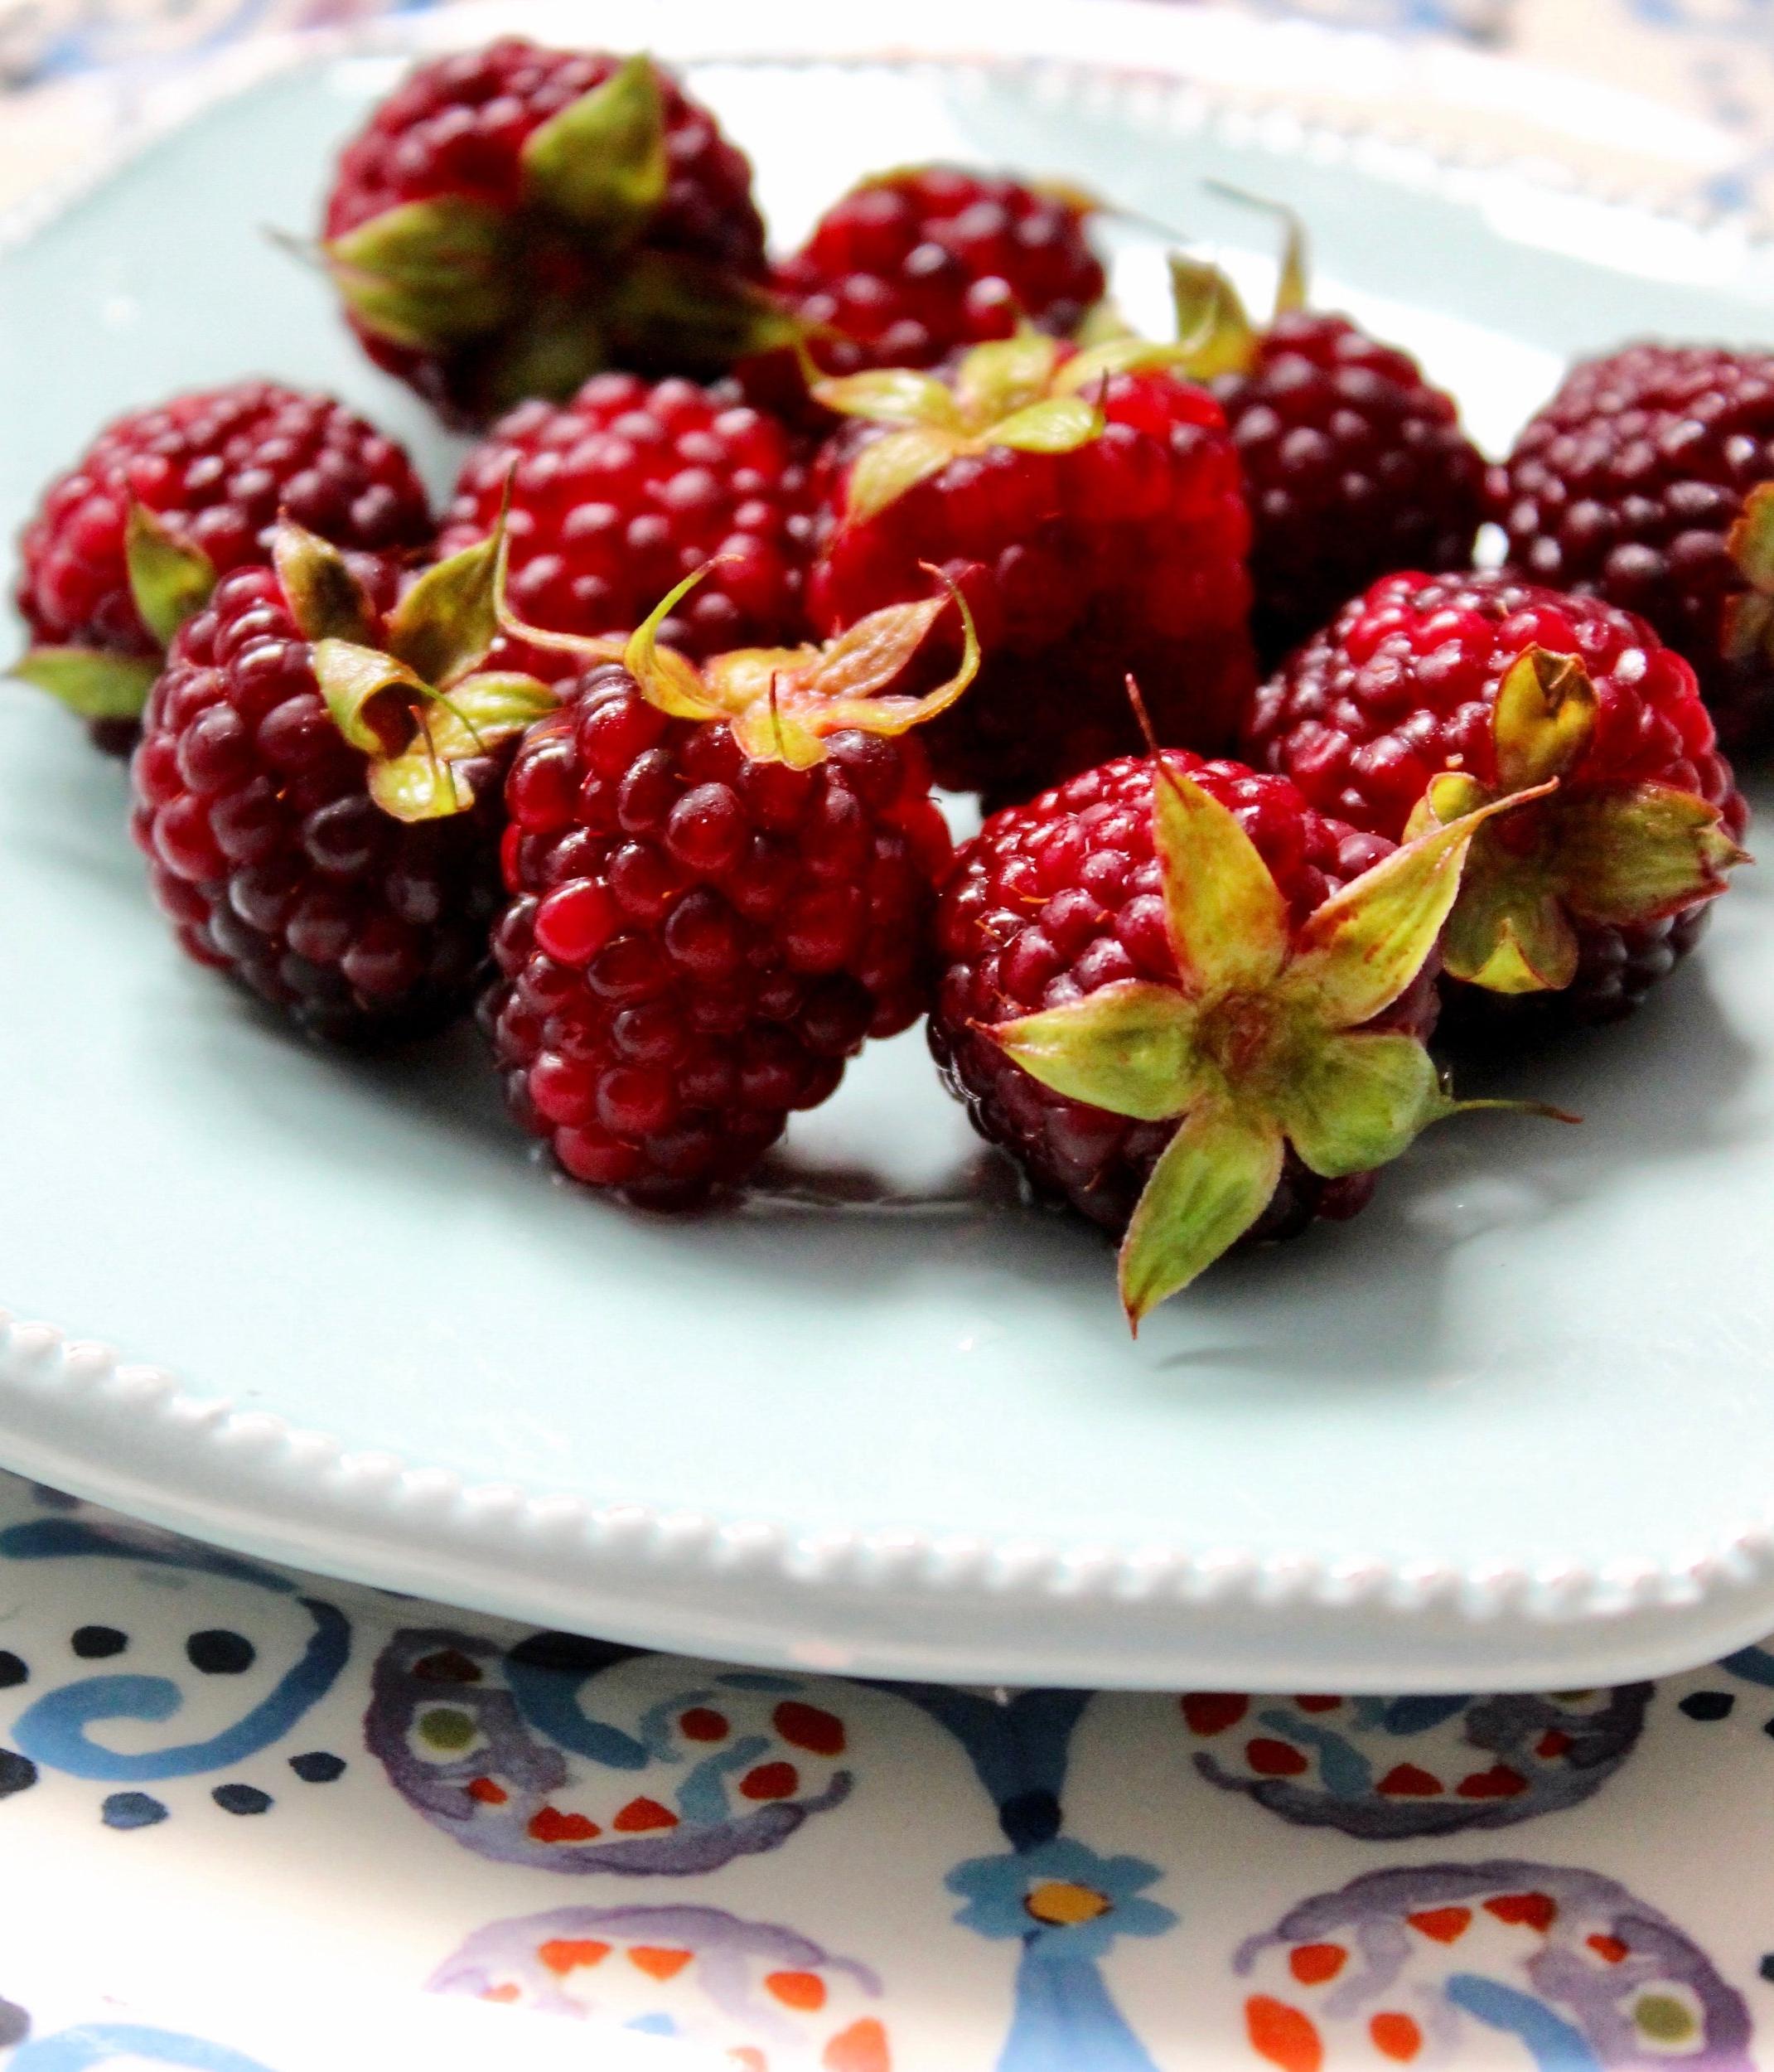 Las moras de castilla son emblemáticas de la sierra, altísimas en vitamina C y sabor intenso, con un color rojo de película.